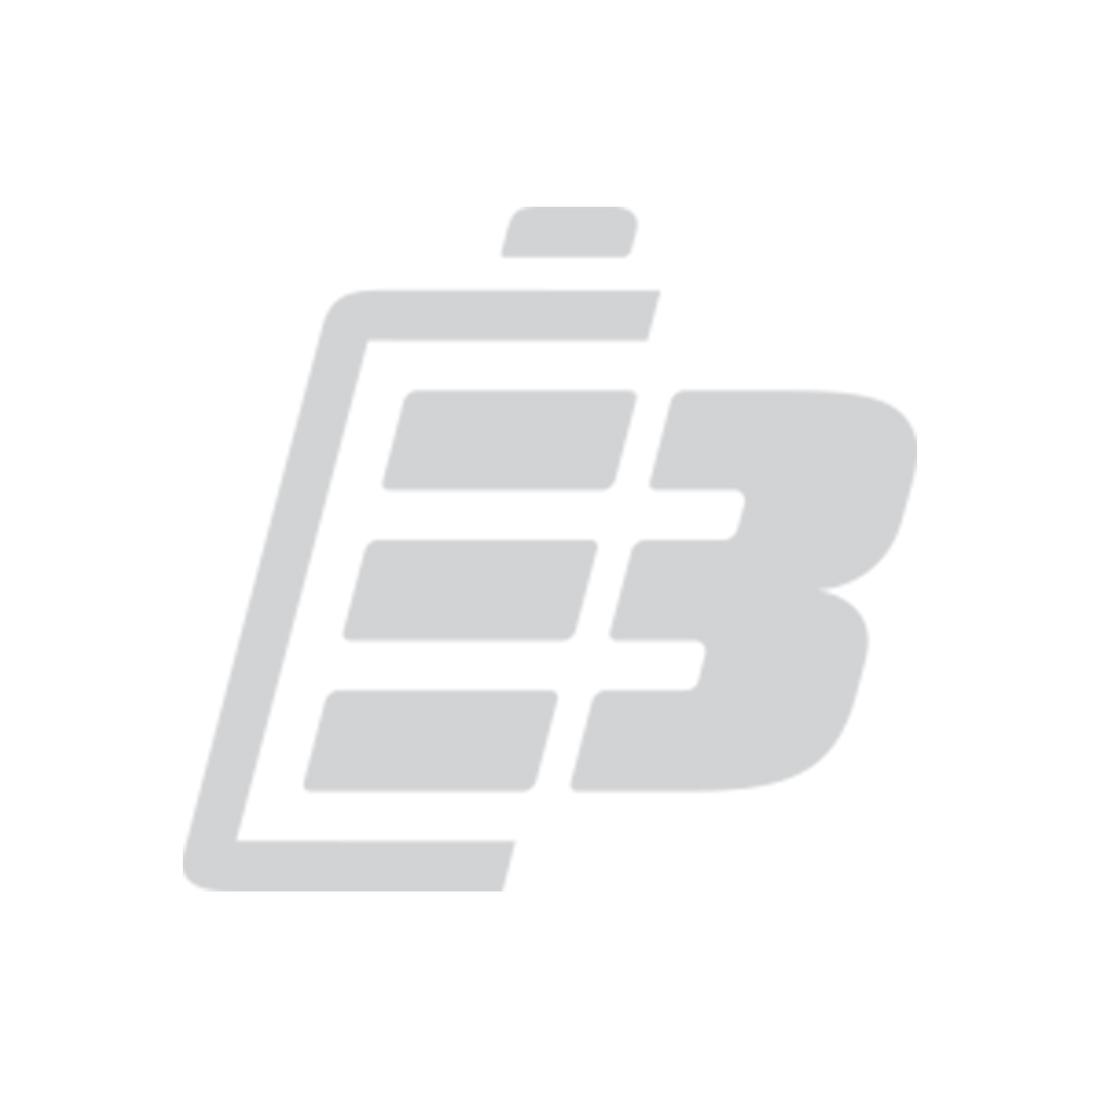 Μπαταρία Laptop Sony VGP-BPS20 Μαύρη_1